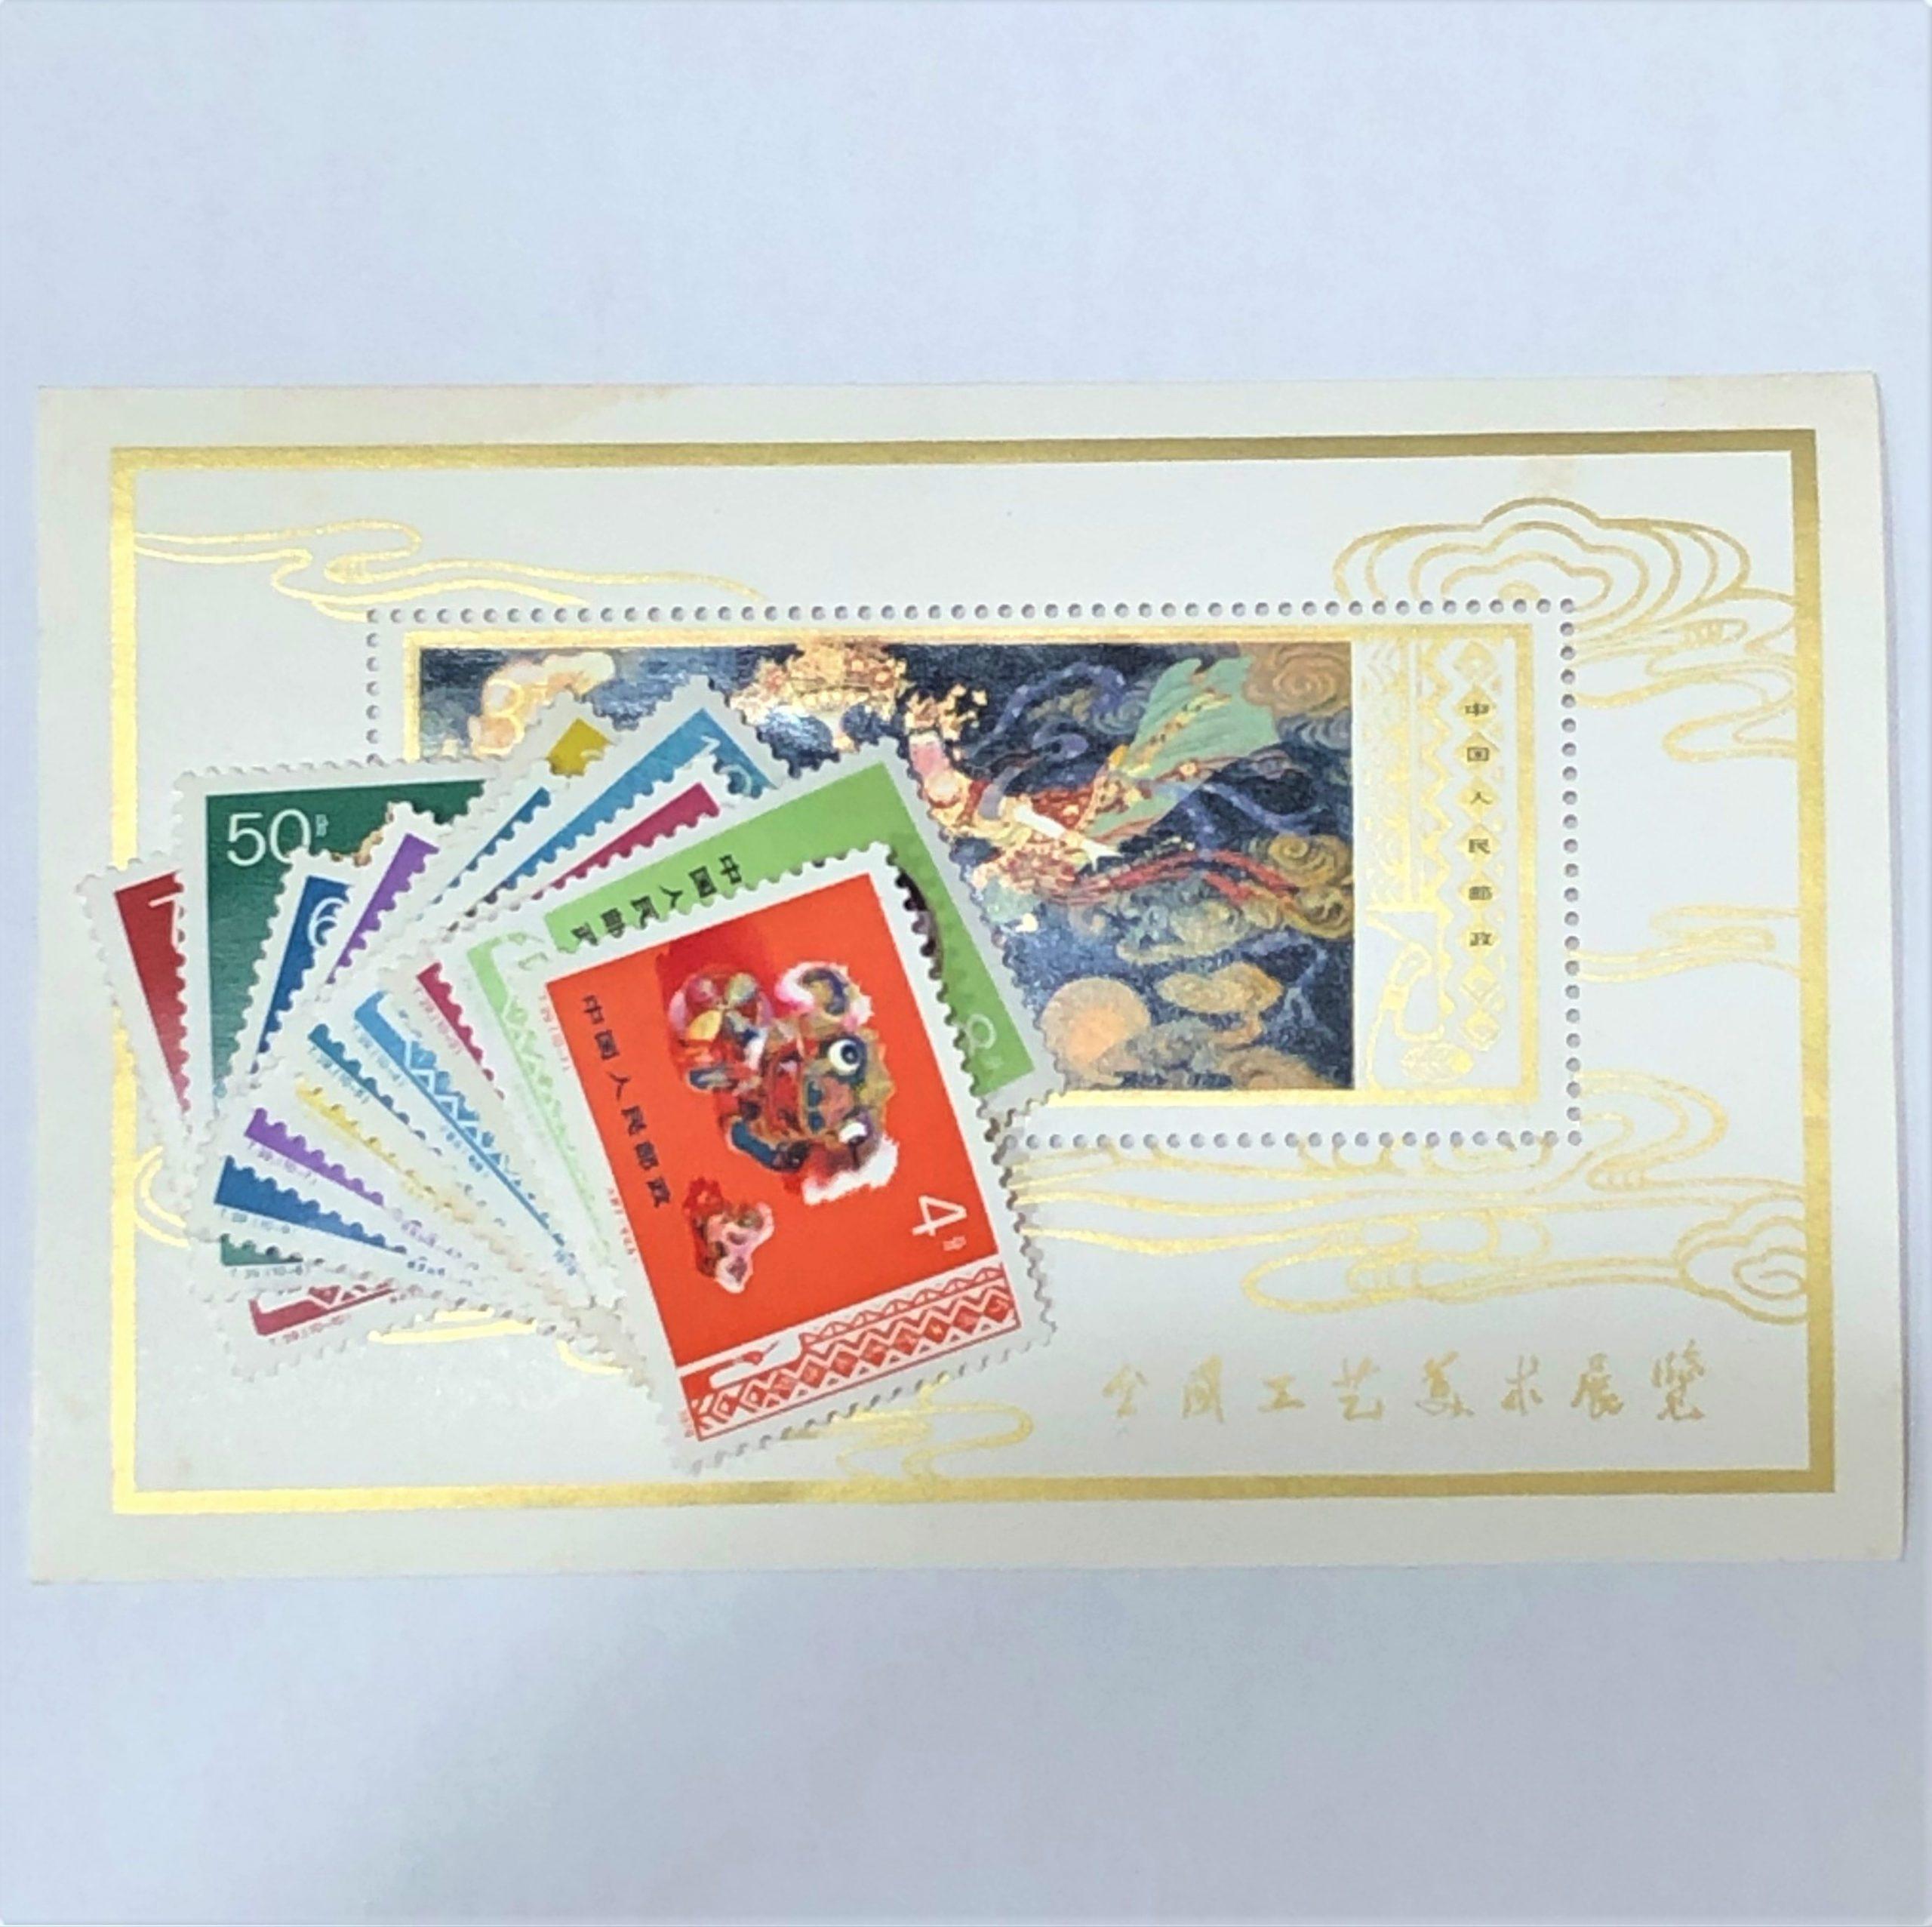 【中国切手】T29 工芸美術切手 10種完 小型シート